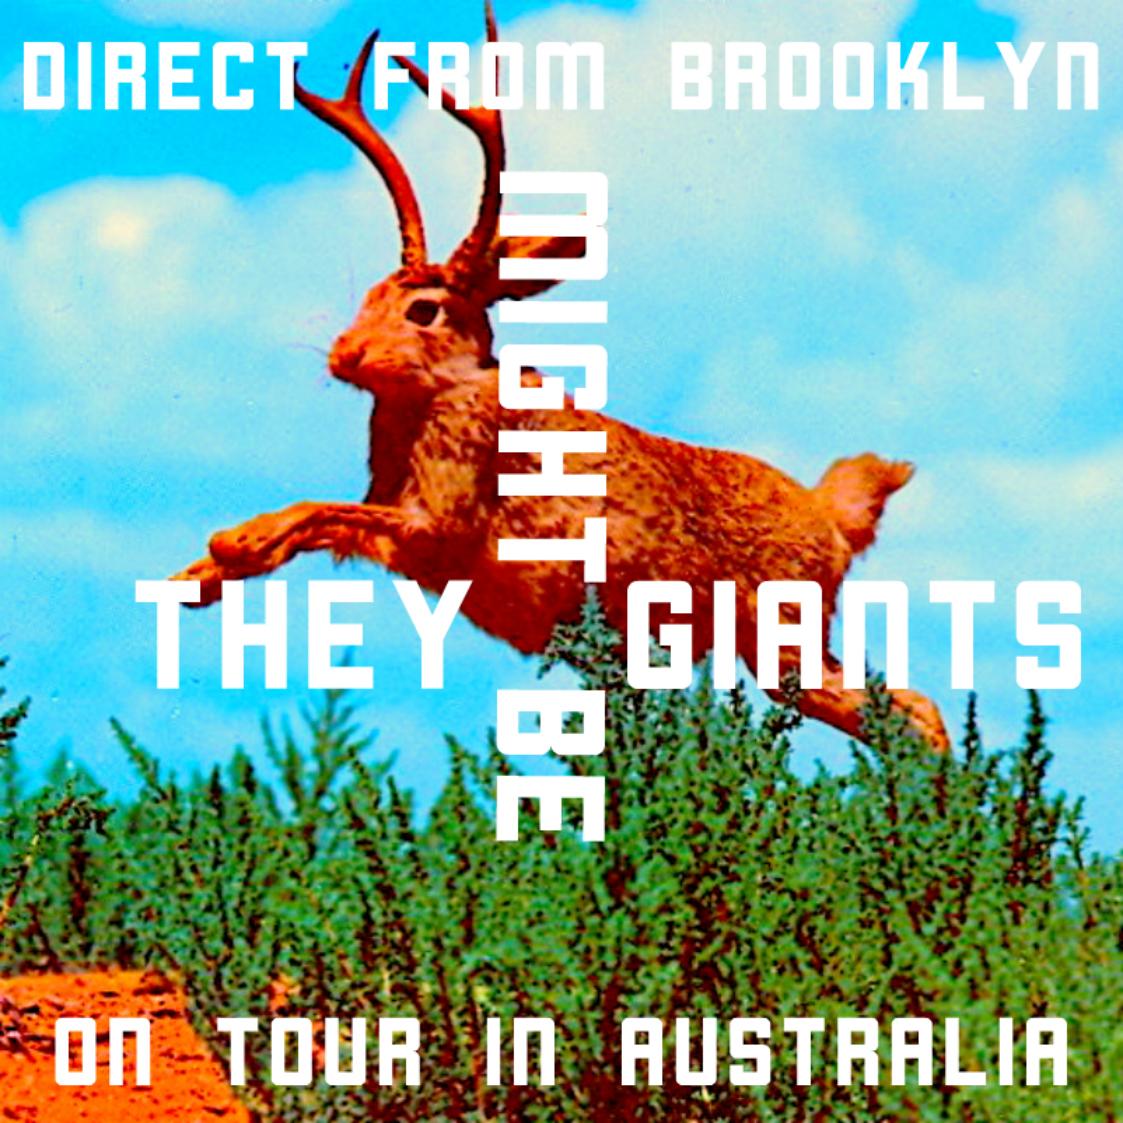 Australia poster 11.jpg